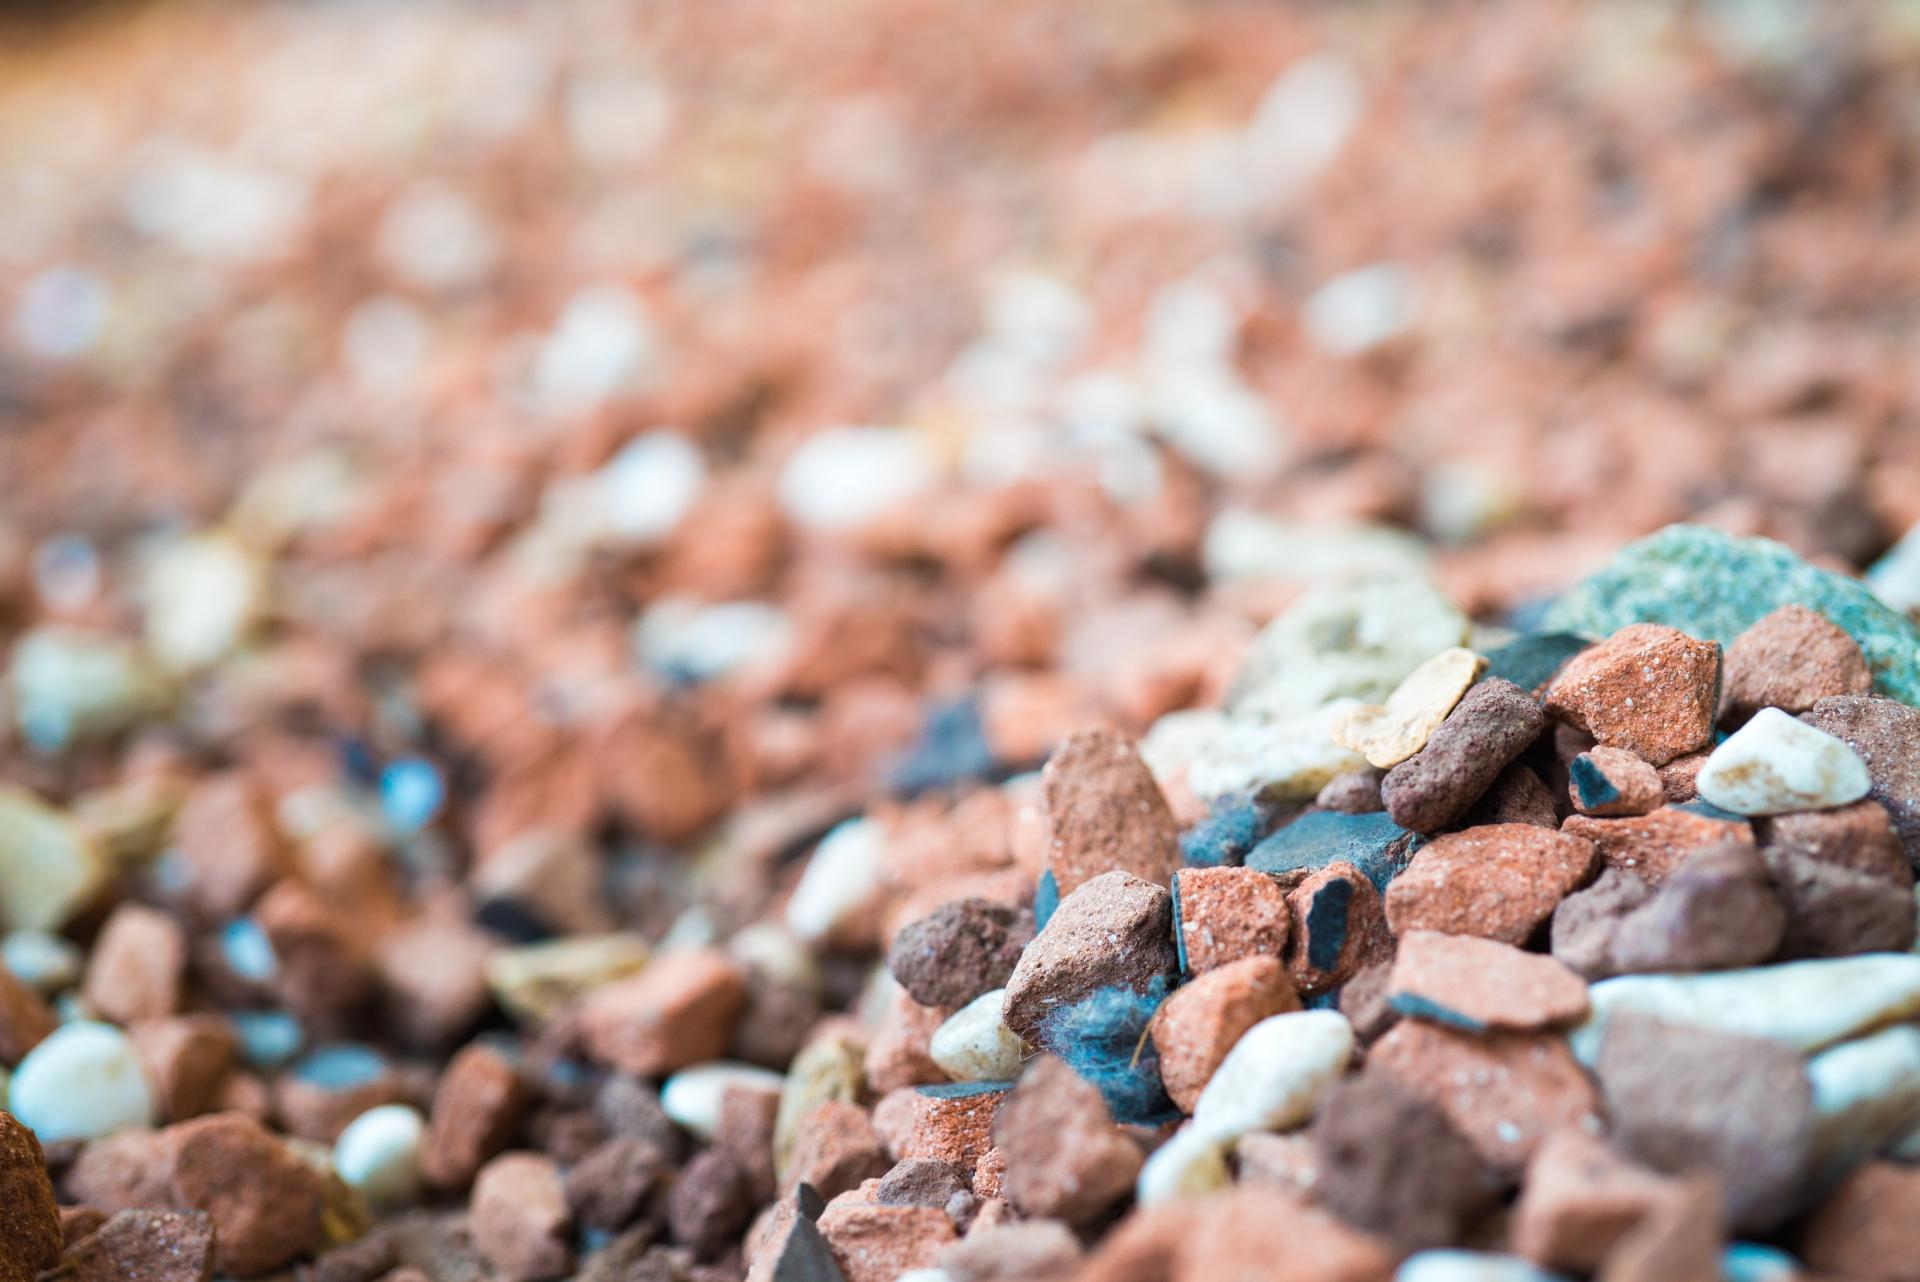 砂利のおすすめ8選!自然石砂利や玉石も